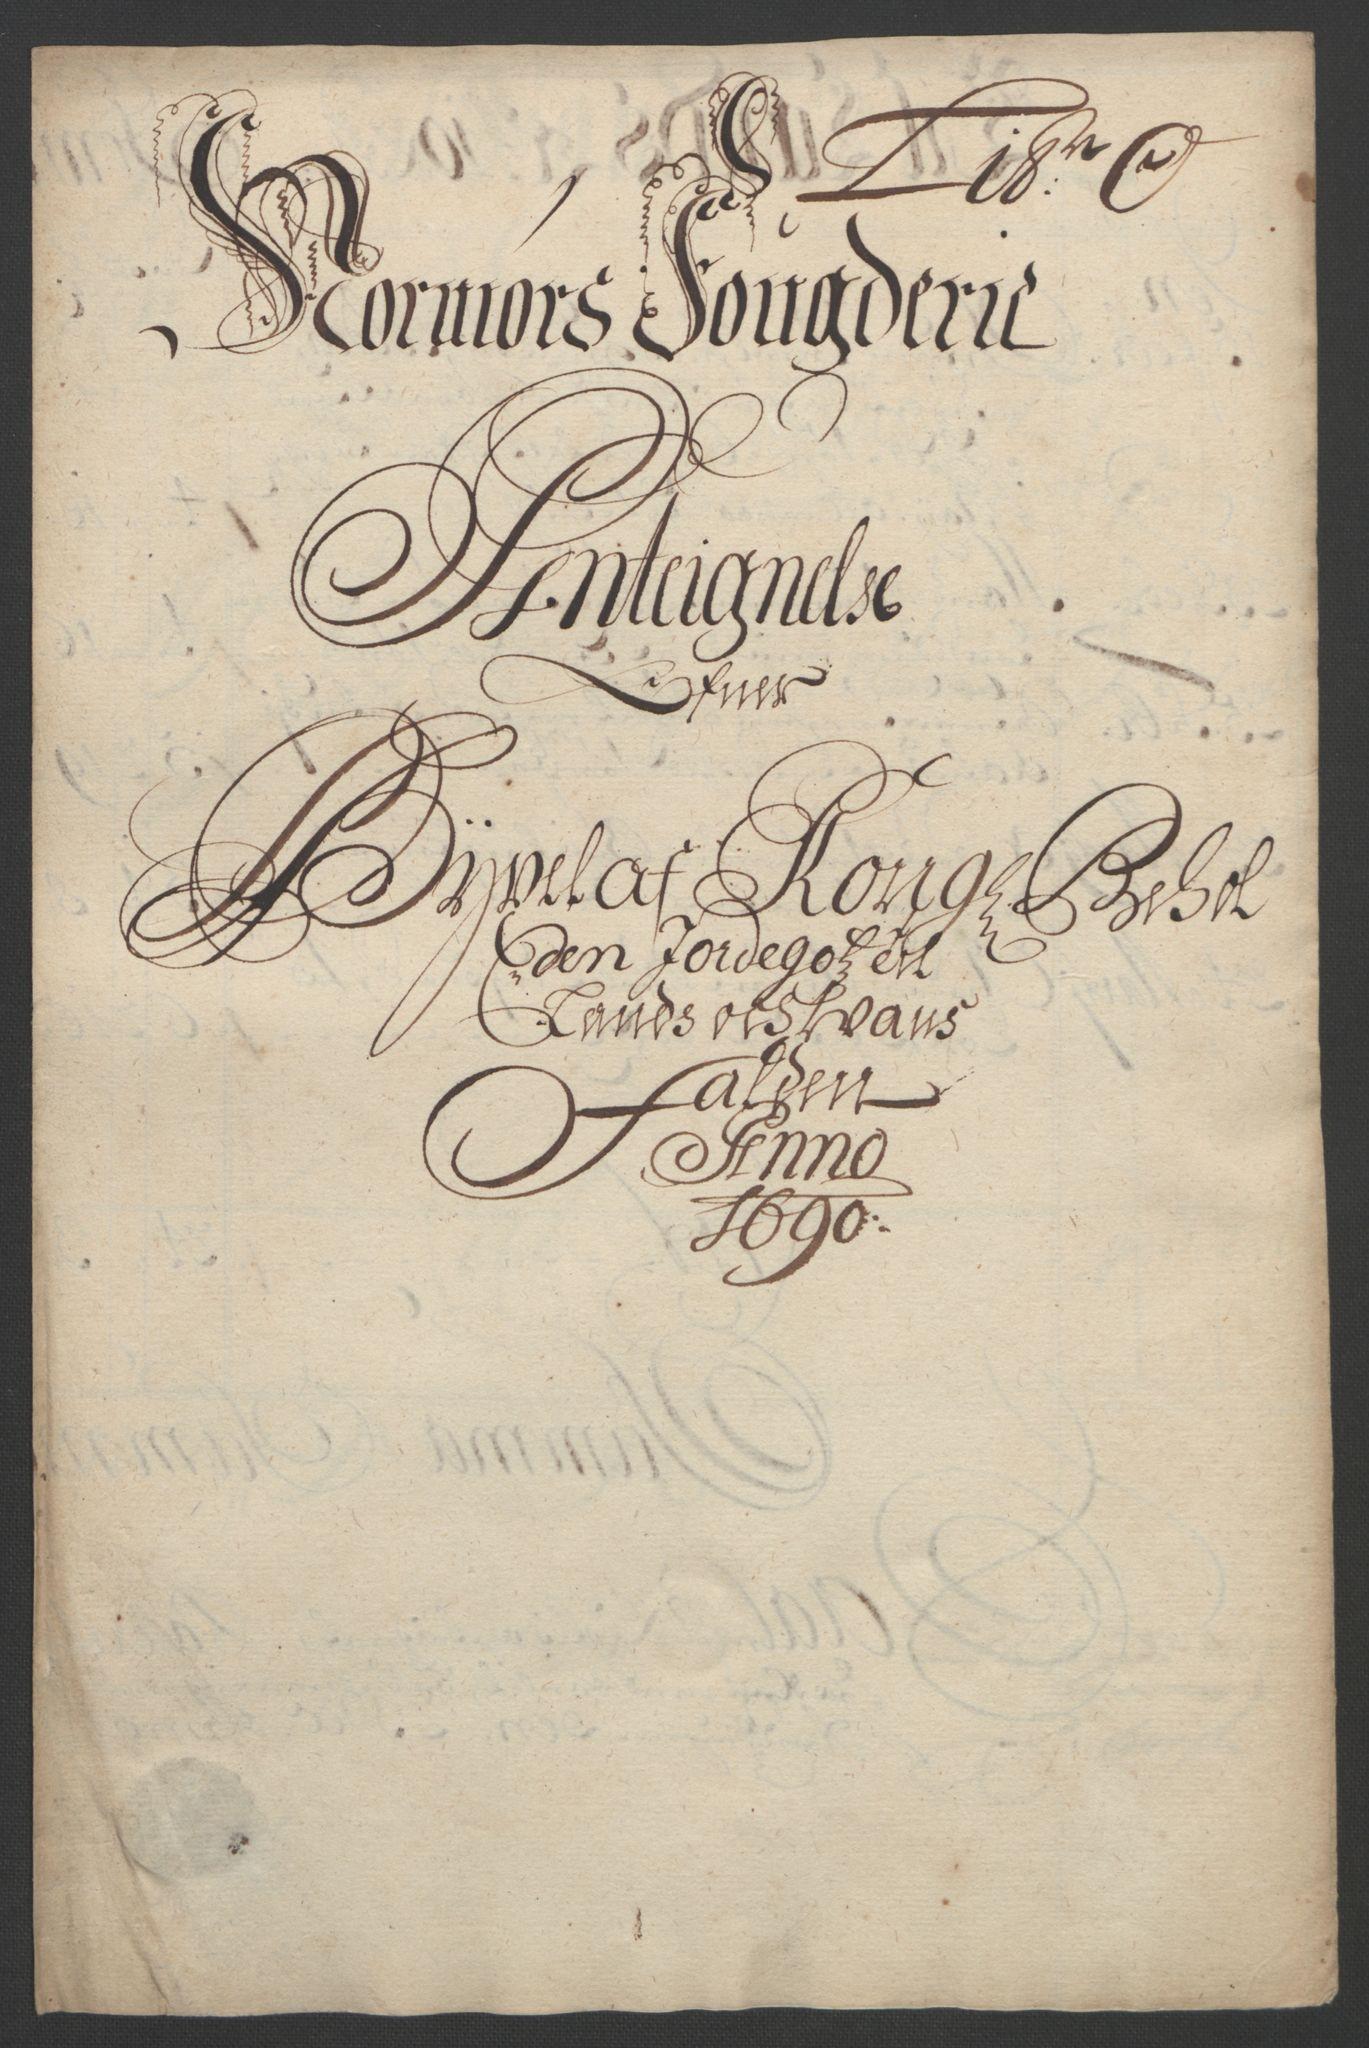 RA, Rentekammeret inntil 1814, Reviderte regnskaper, Fogderegnskap, R56/L3734: Fogderegnskap Nordmøre, 1690-1691, s. 196